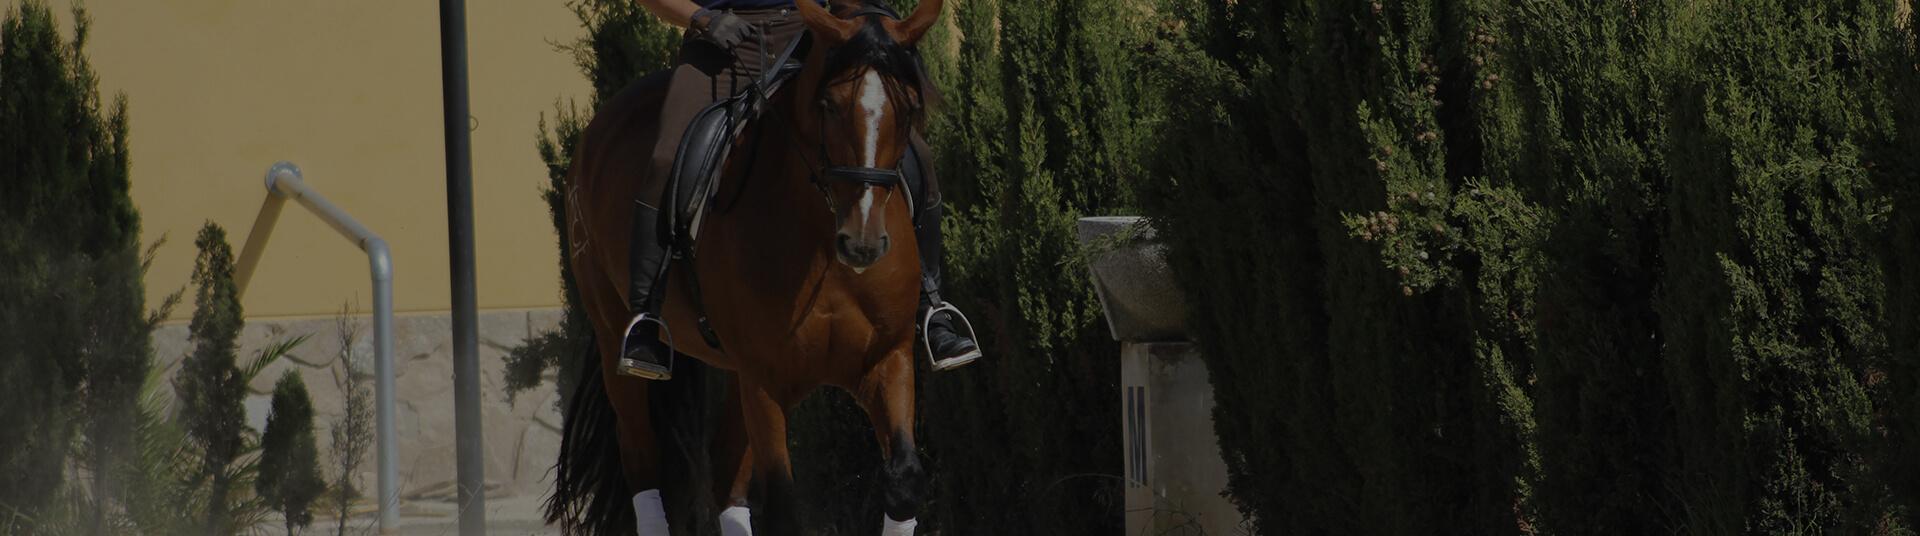 fotografía caballos sax 5